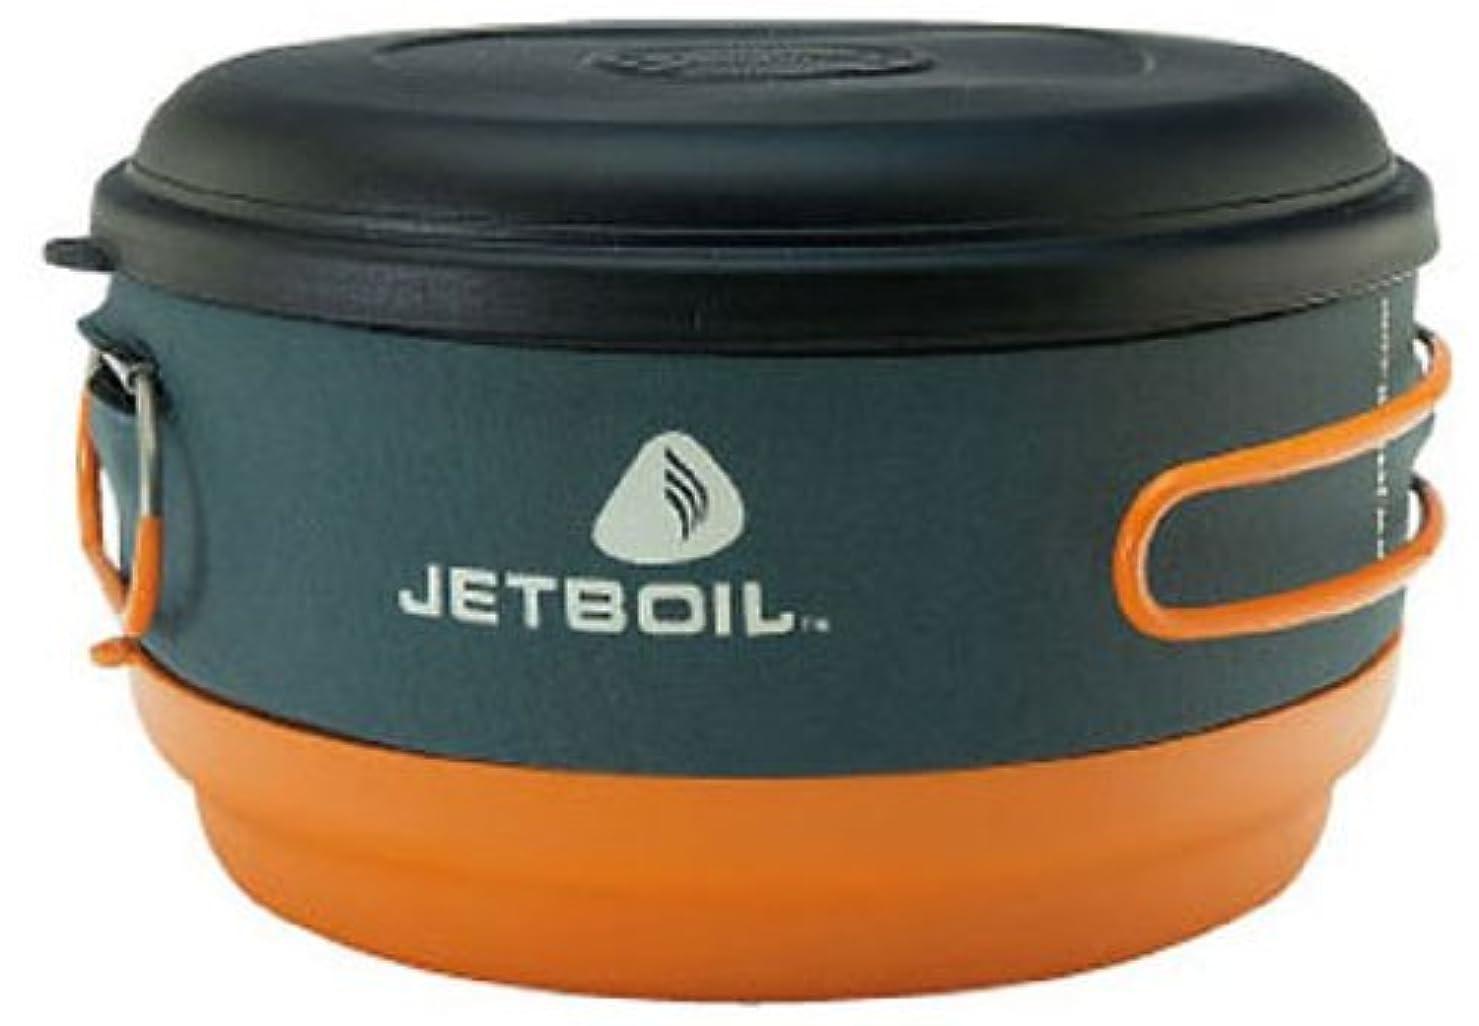 危機学期熟したJETBOIL(ジェットボイル) ポット 3.0Lフラックスリングポット 1824319